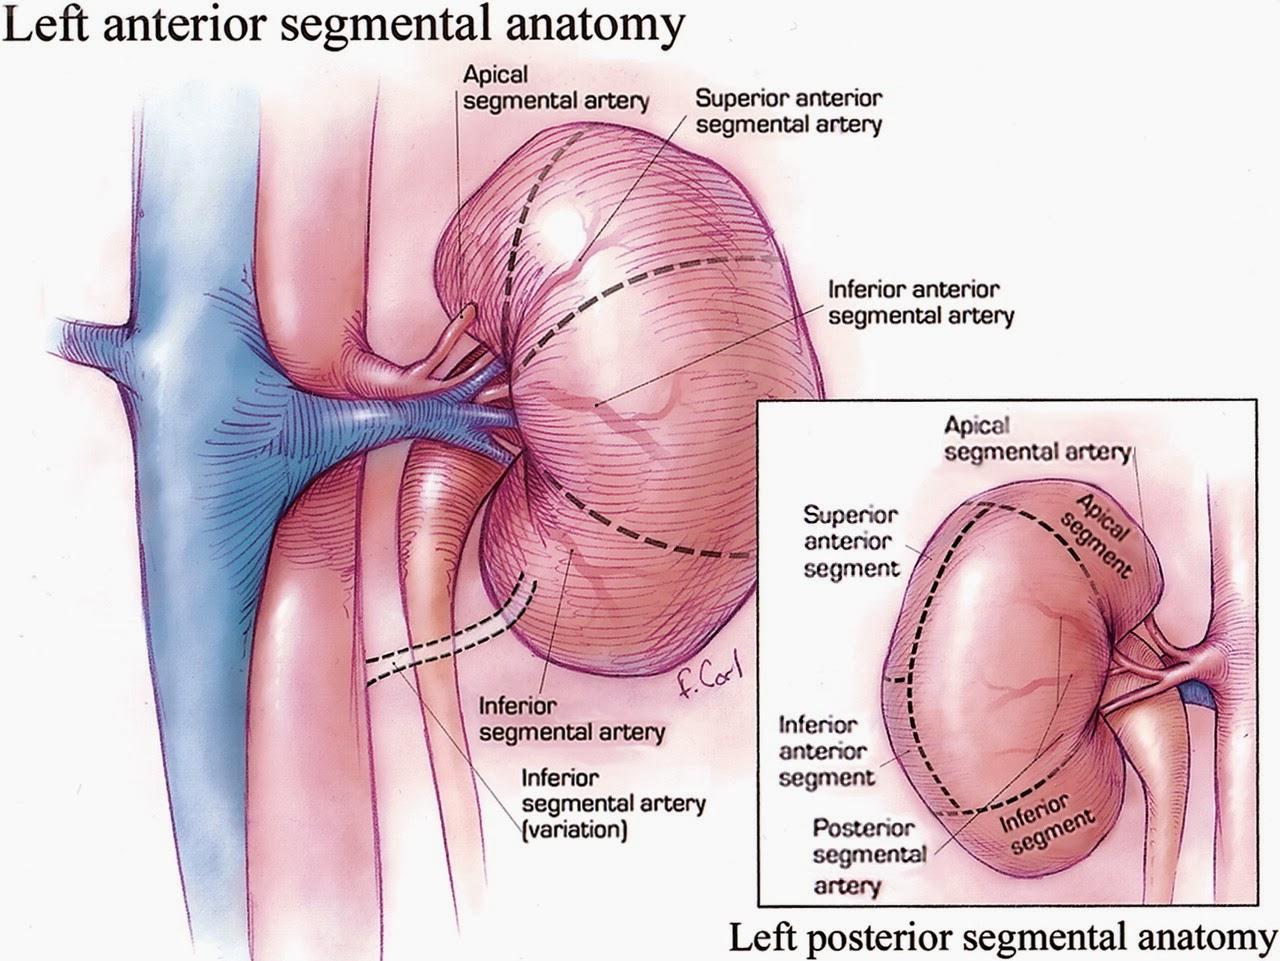 anatomia humana imagenes riñones